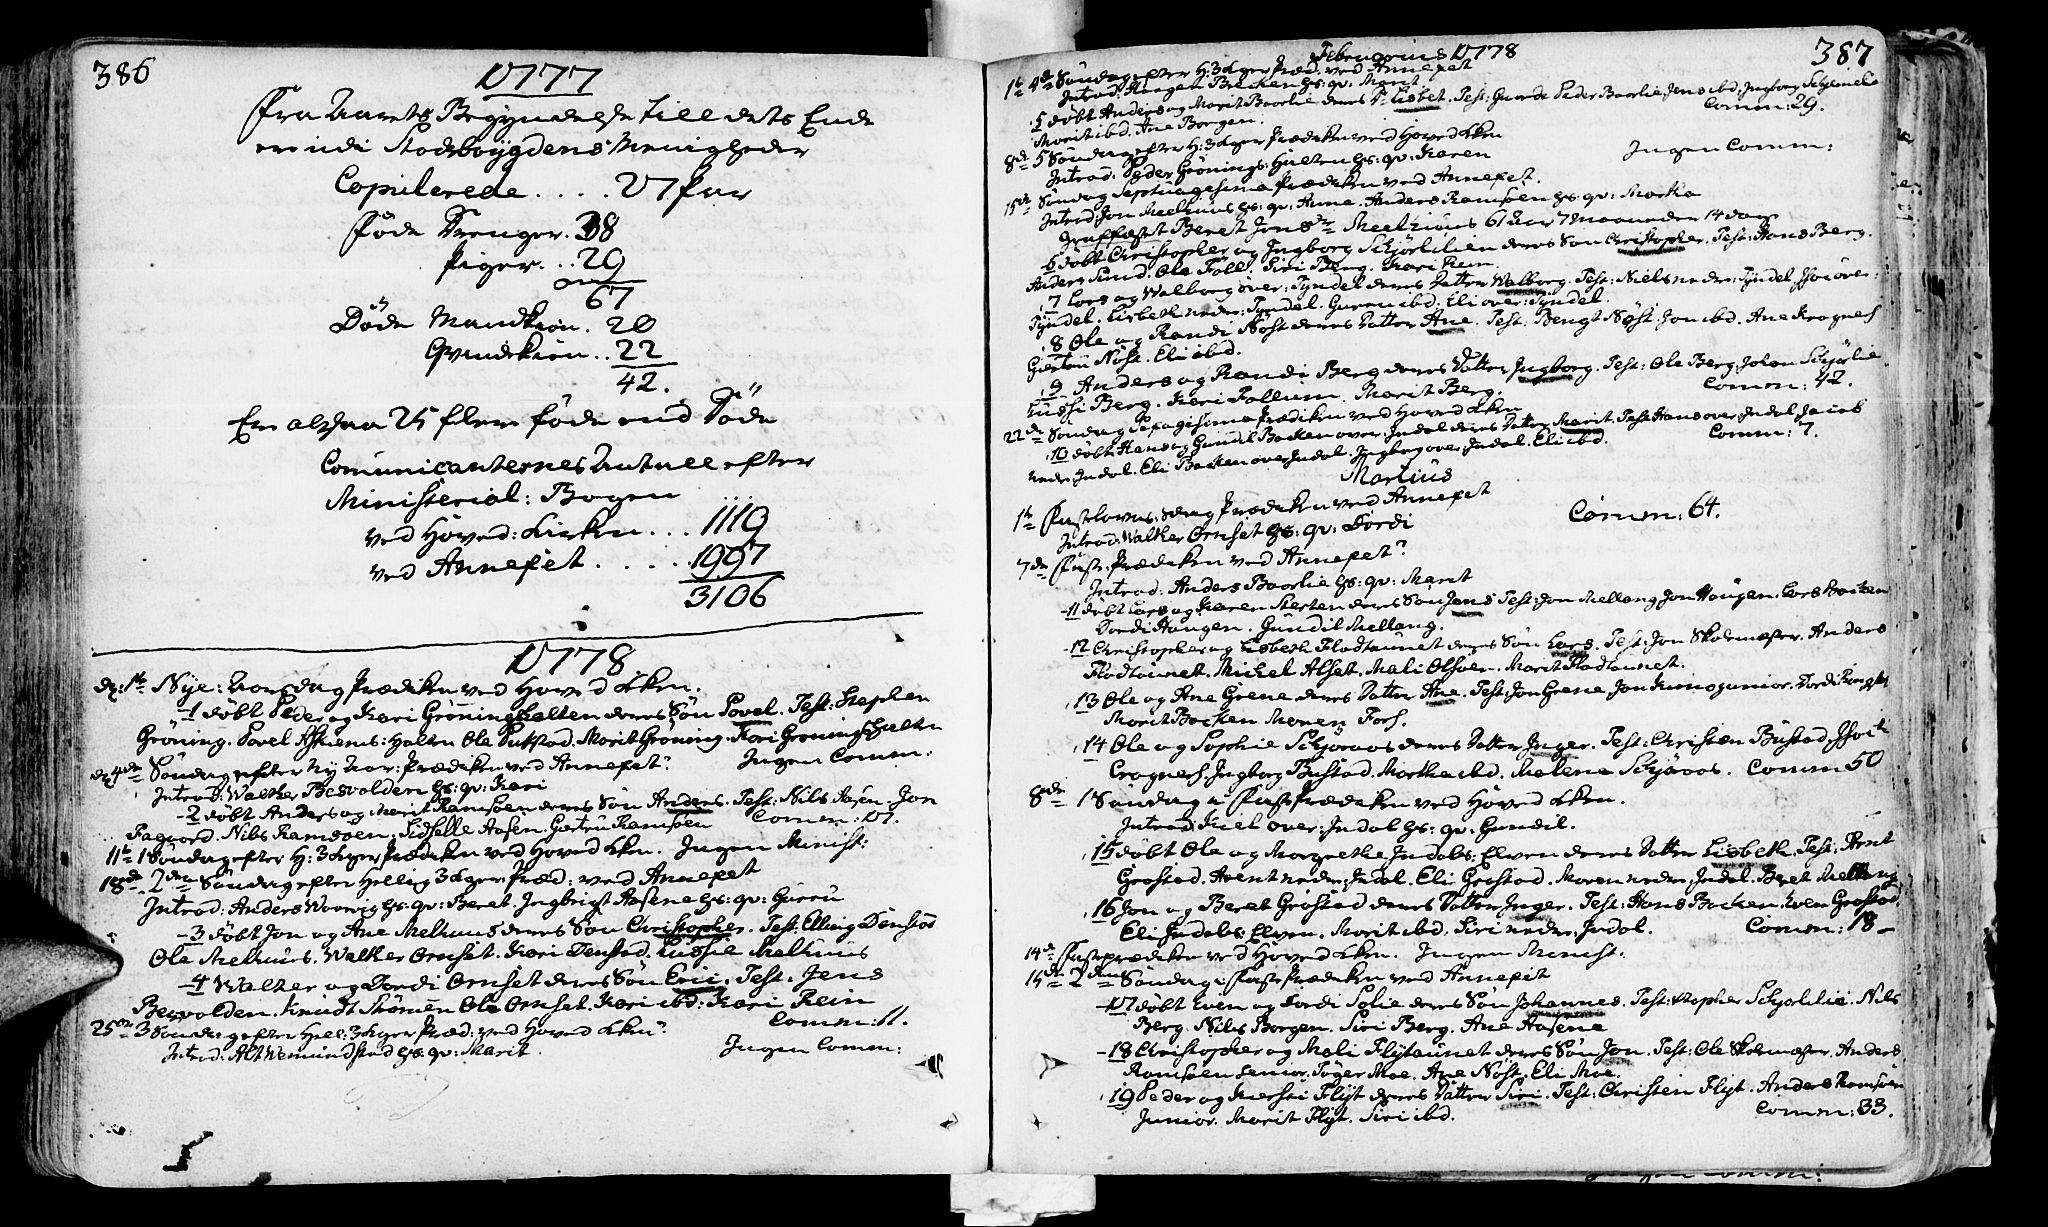 SAT, Ministerialprotokoller, klokkerbøker og fødselsregistre - Sør-Trøndelag, 646/L0605: Ministerialbok nr. 646A03, 1751-1790, s. 386-387